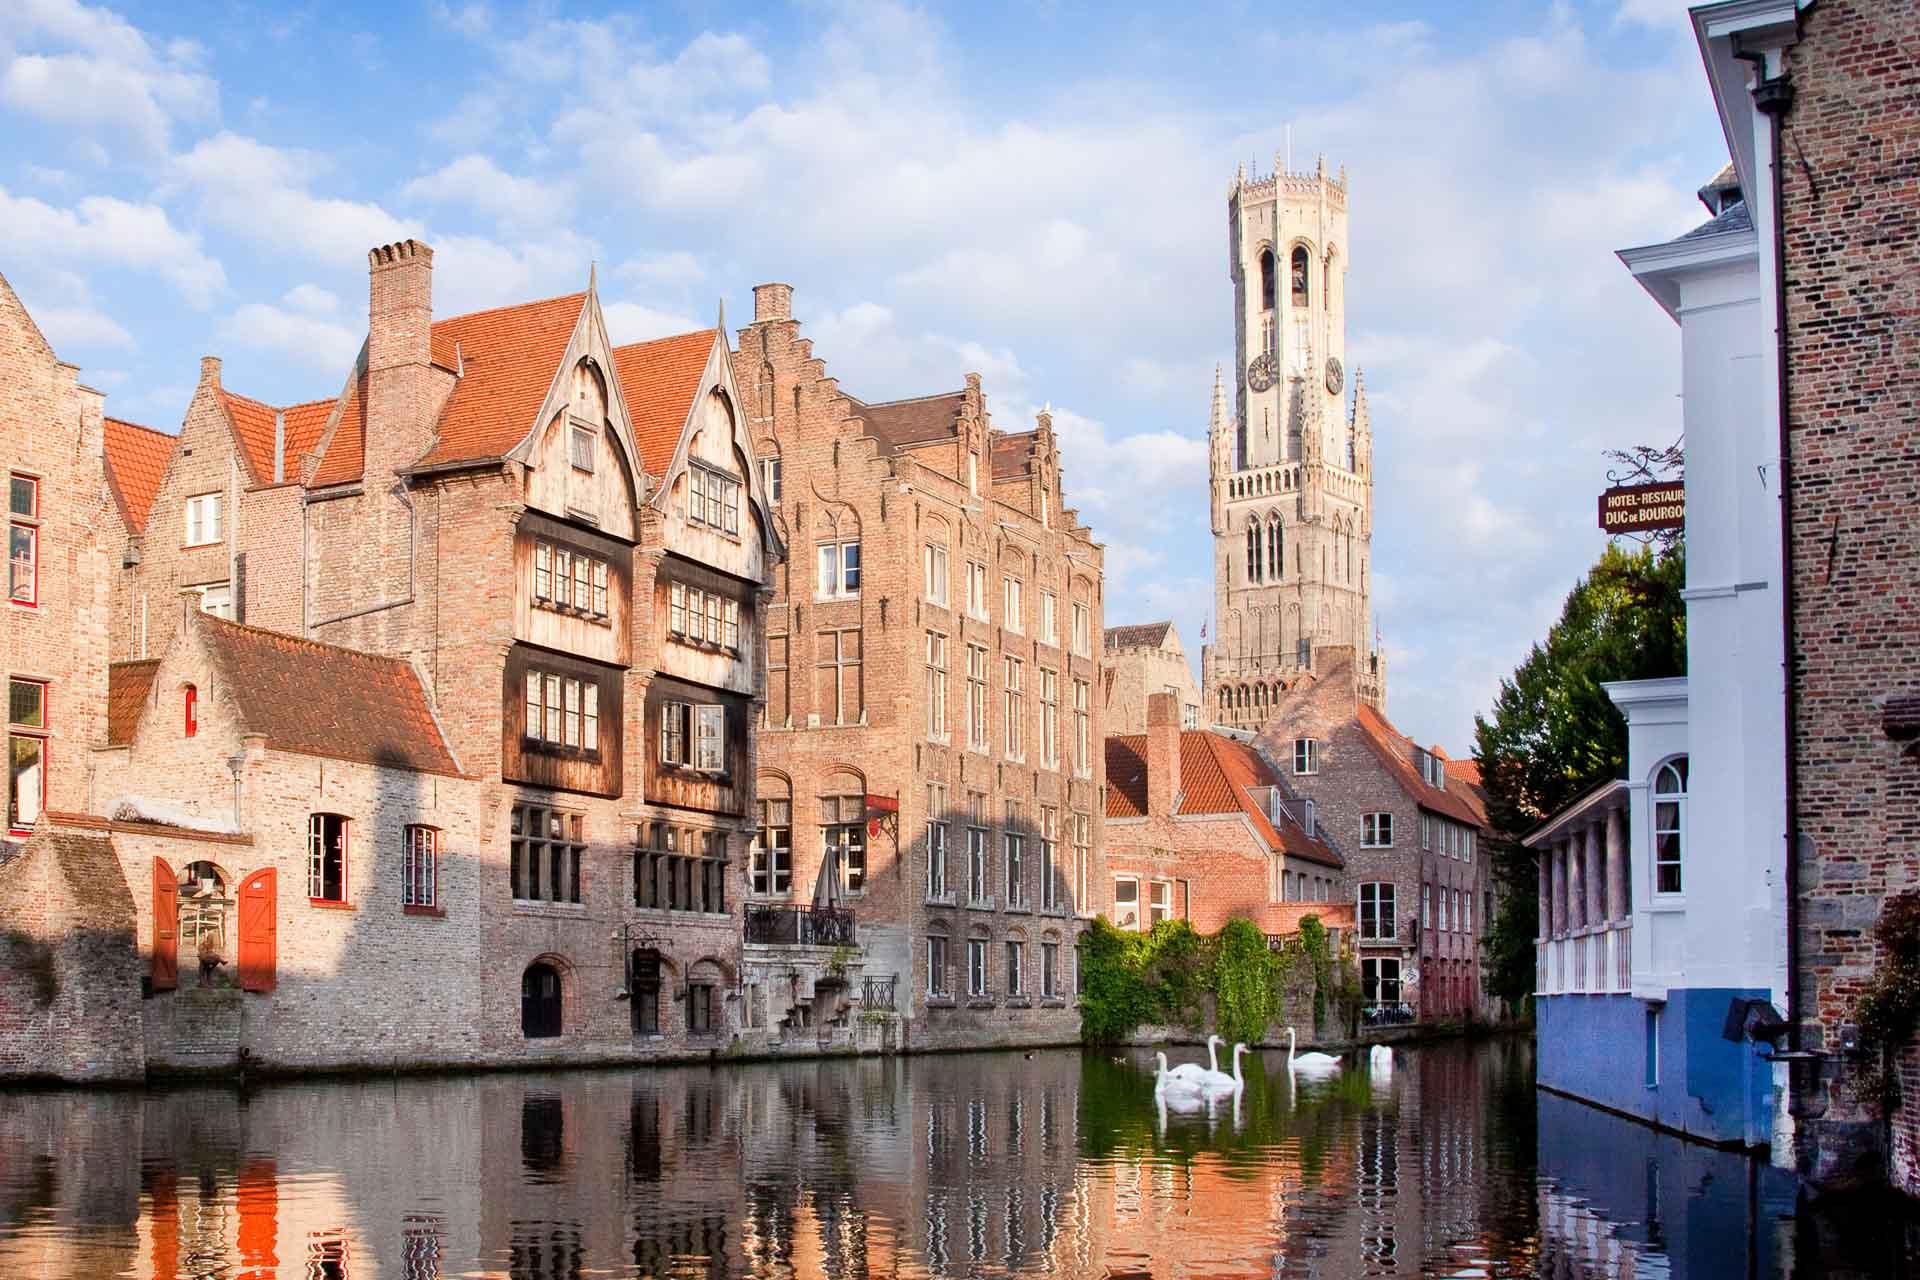 Ville d'art et d'histoire au charme fou, Bruges reste plus que jamais une destination indispensable. Prenez le temps de (re)découvrir hors saison la cité flamande à travers notre sélection de bonnes adresses : lieux incontournables, expériences décalées, hôtels de charme, bonnes tables et autres spots à ne pas manquer.